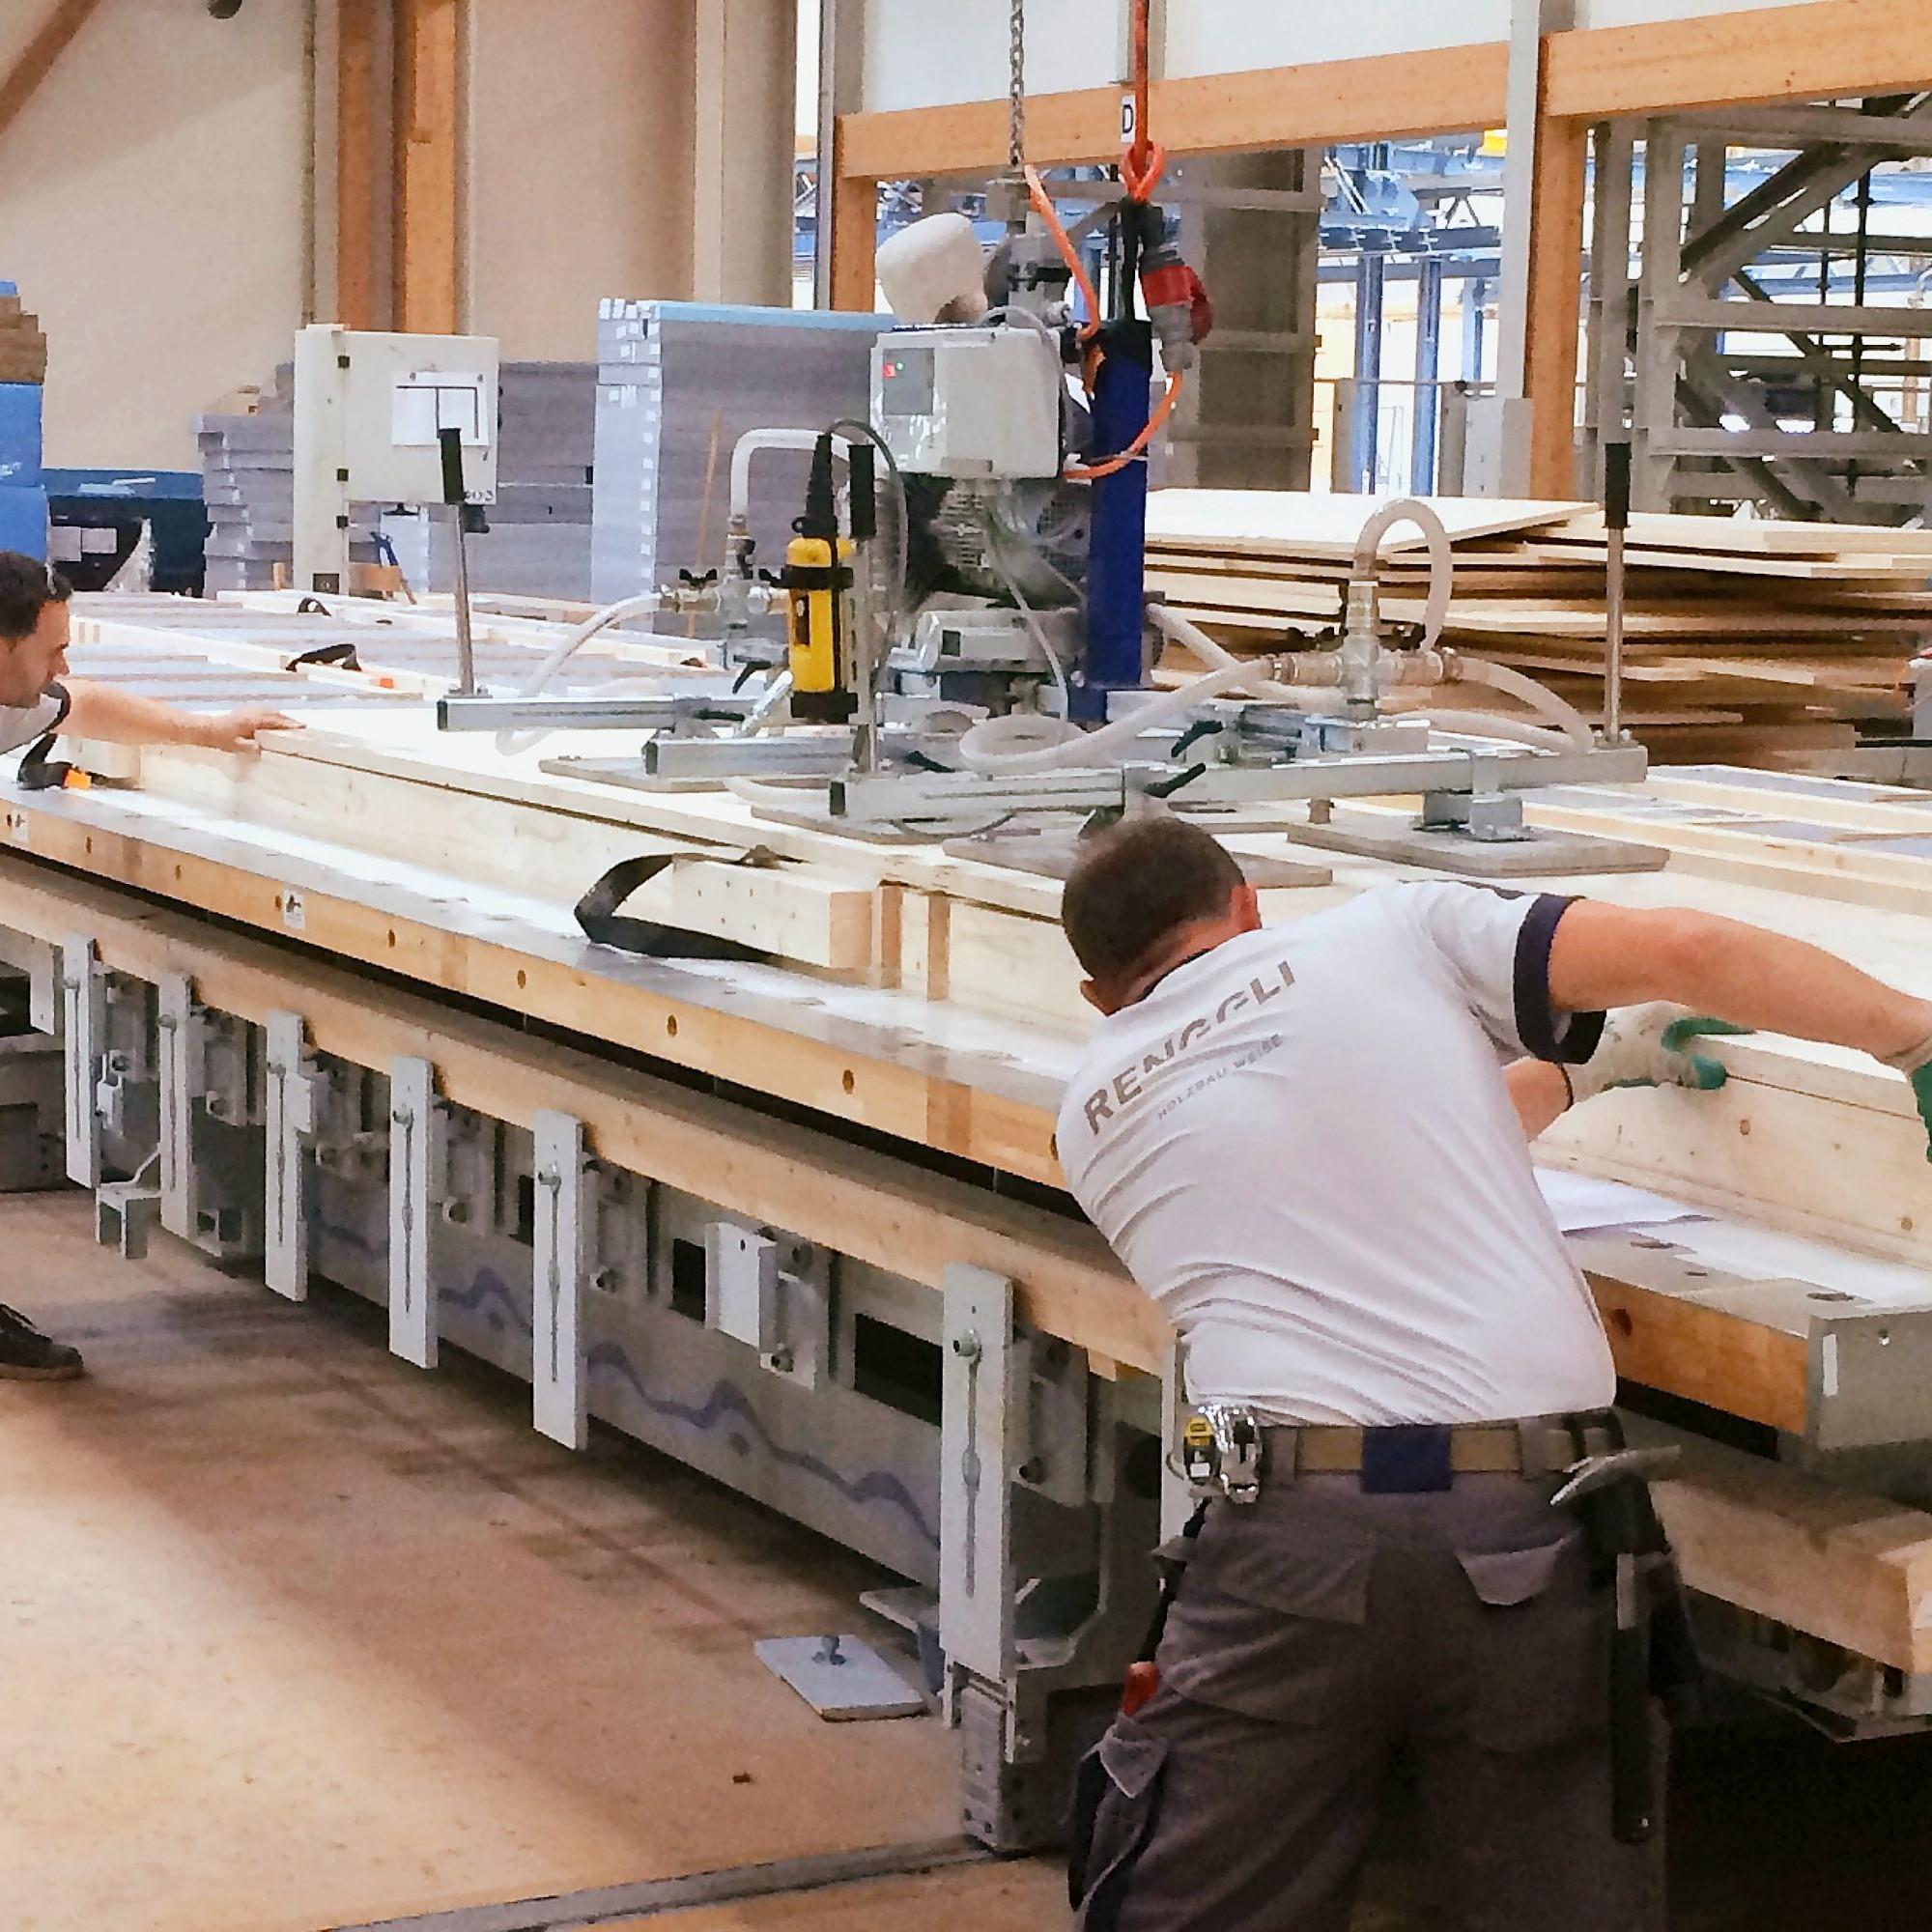 Mitarbeiter der Renggli AG setzen Leichtbauwände im Schötzer Werk zusammen. Die ultradünnen Wandelemente sind nur halb so dick wie herkömmliche Wände bei mindestens gleich guter Isolation.